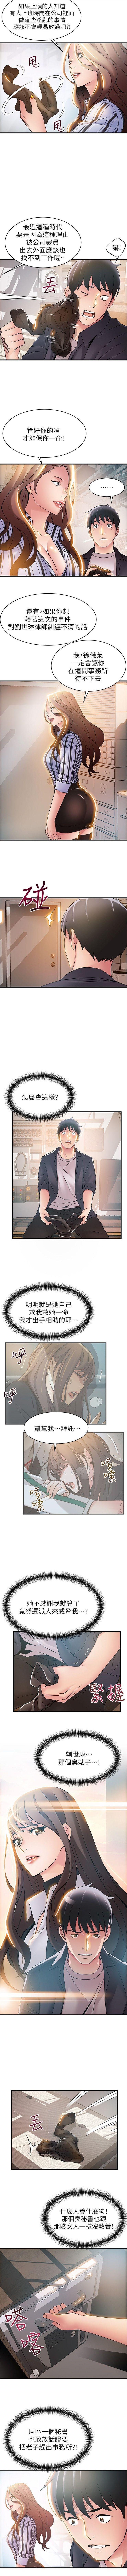 (週7)弱點 1-76 中文翻譯(更新中) 102